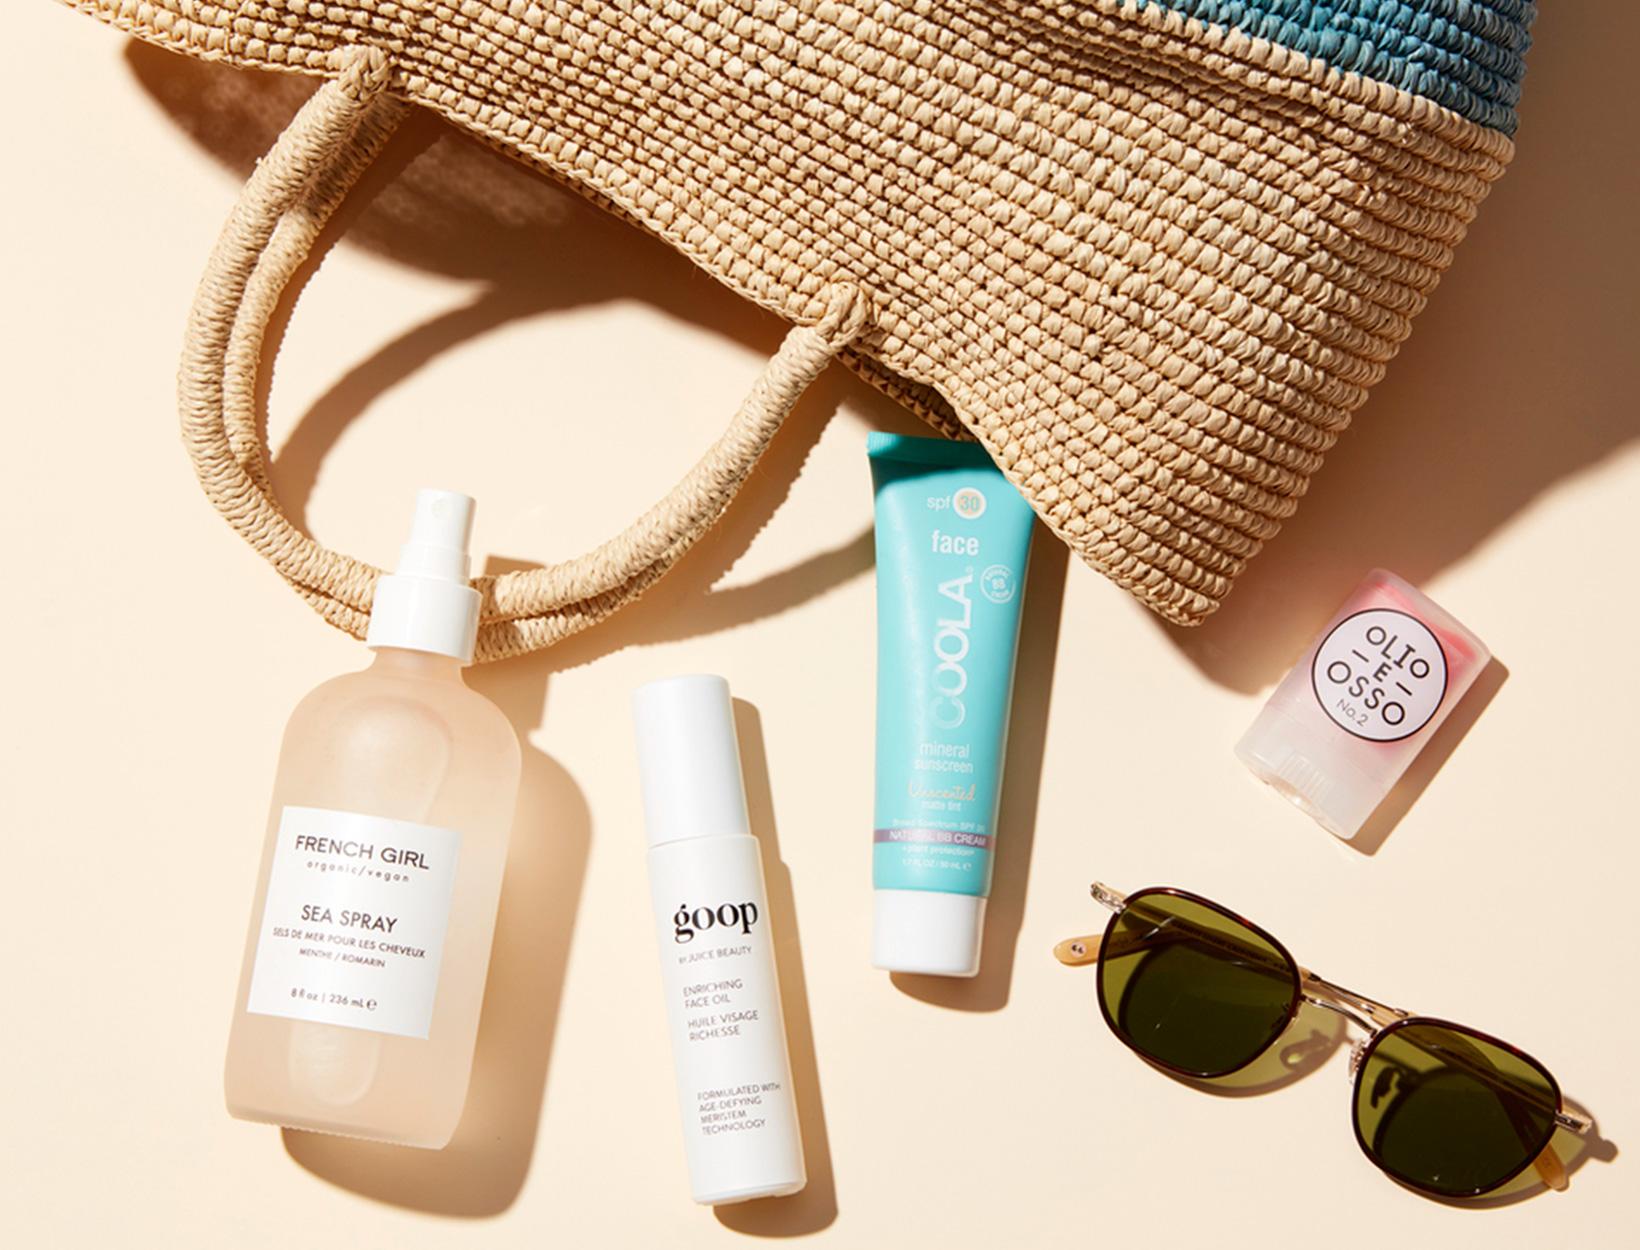 The Summer-Weekend Beauty Bag